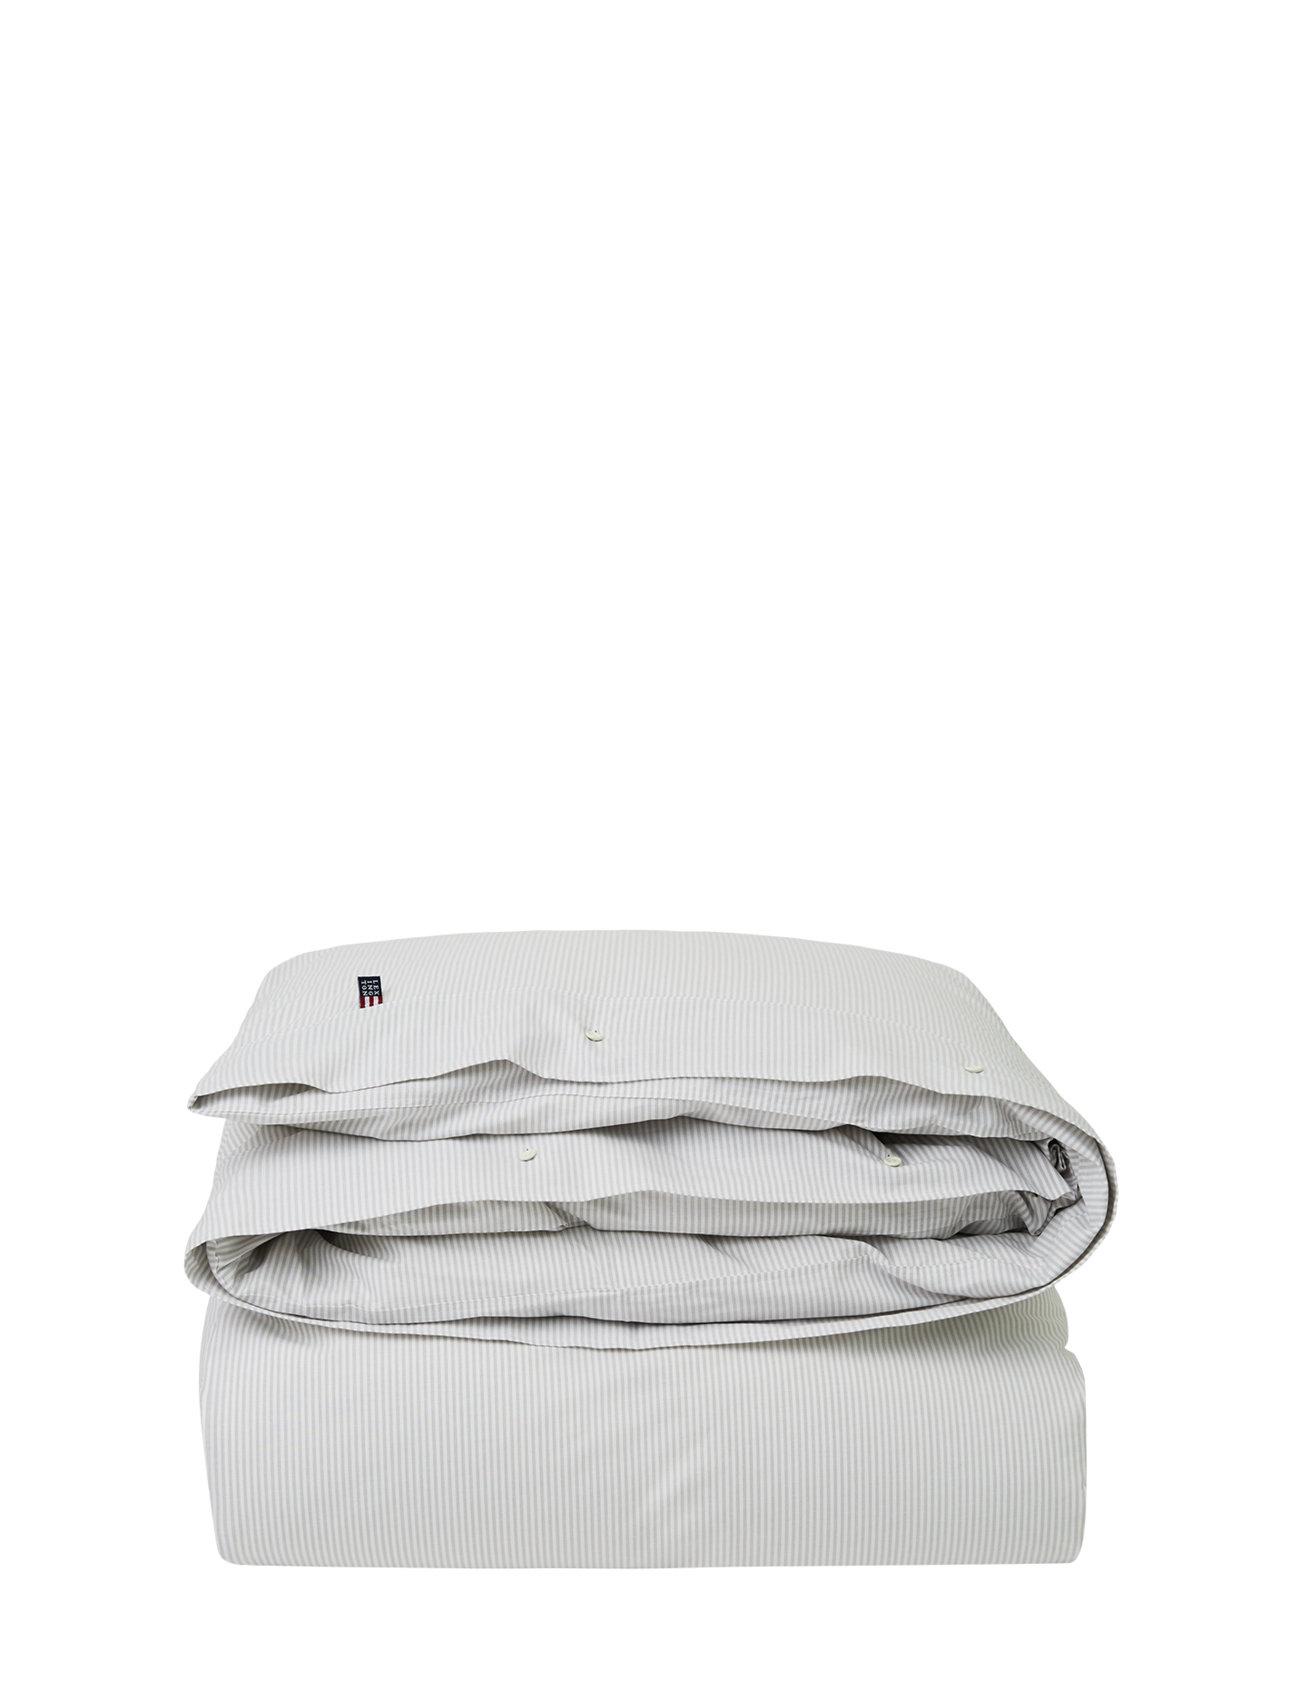 Lexington Home Pin Point Gray/White Duvet - GRAY/WHITE